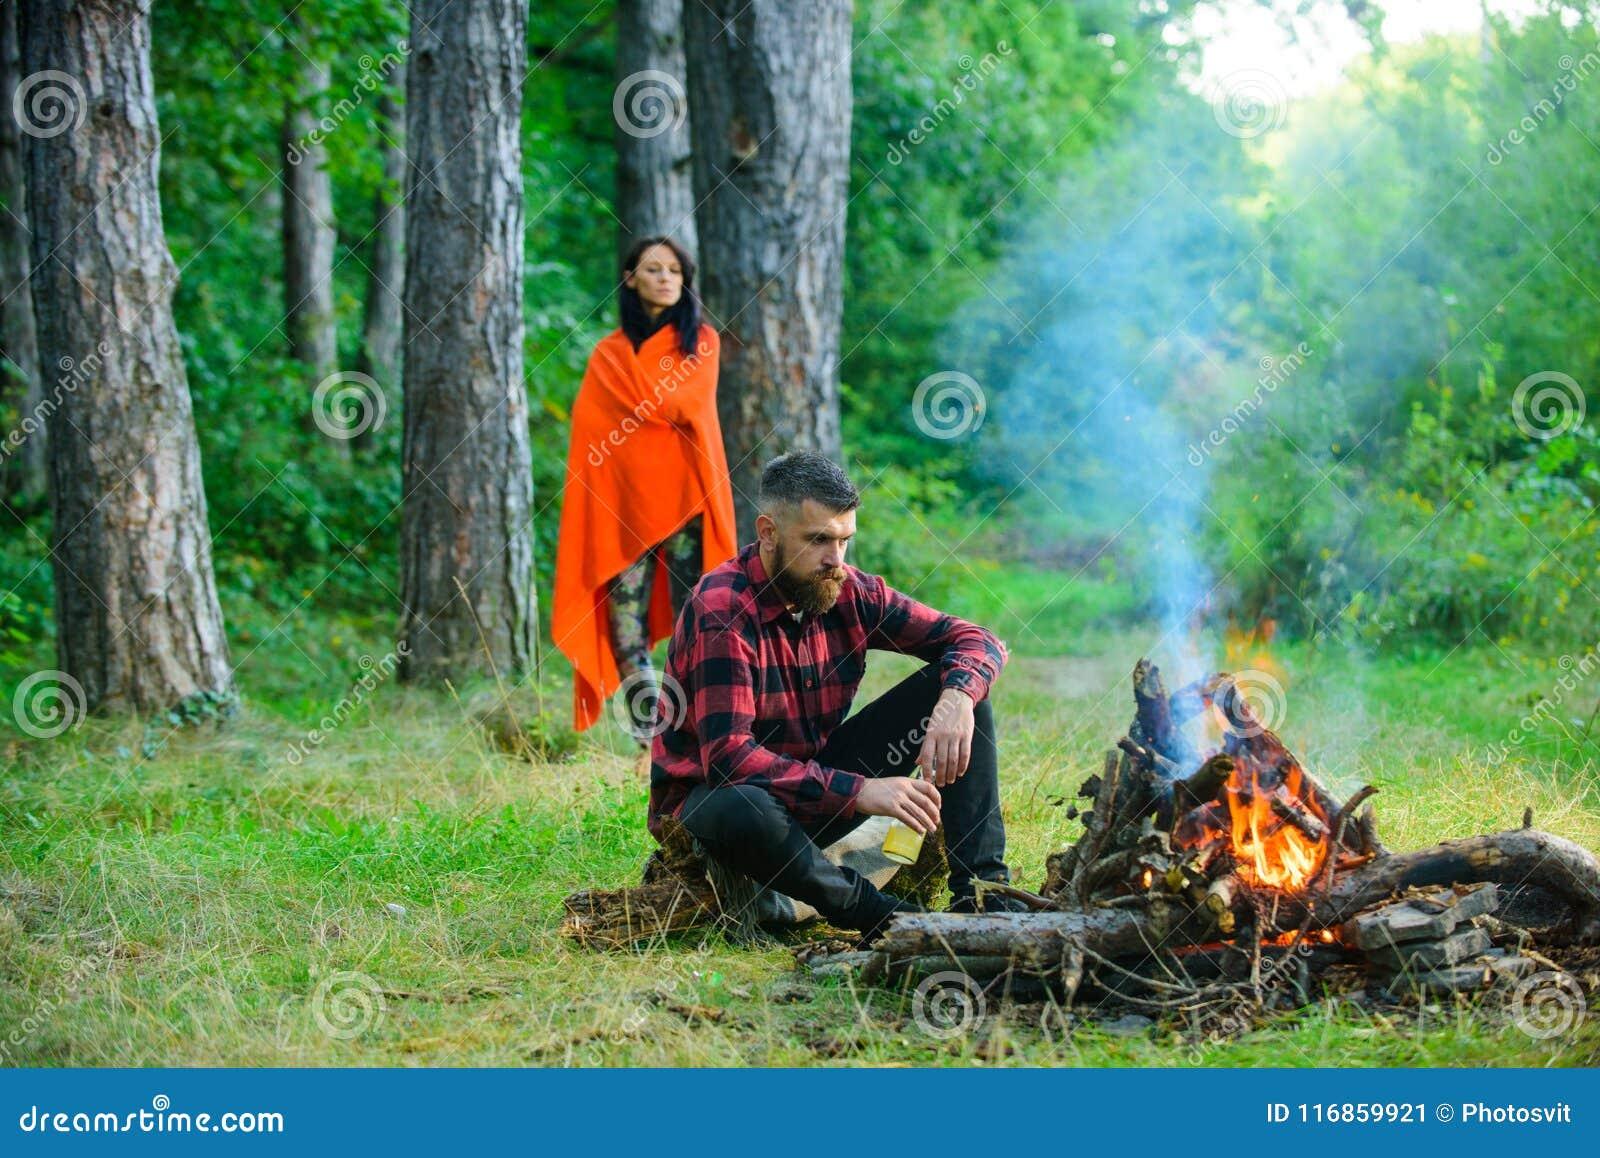 Macho z piwnym siedzącym pobliskim ogniskiem, wakacje z żoną